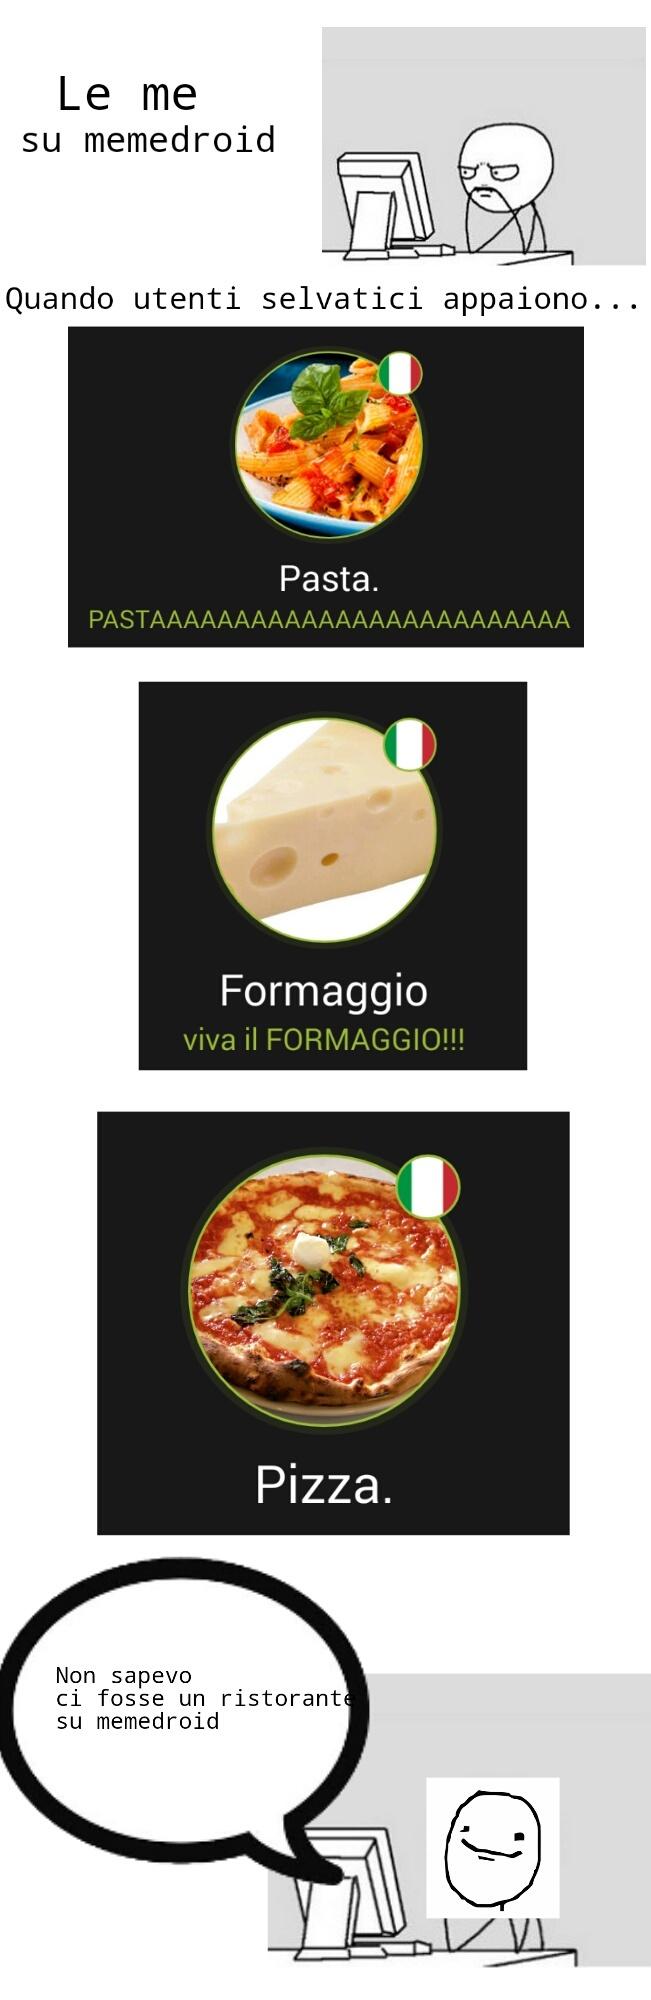 Cito gli utenti-cibo - meme